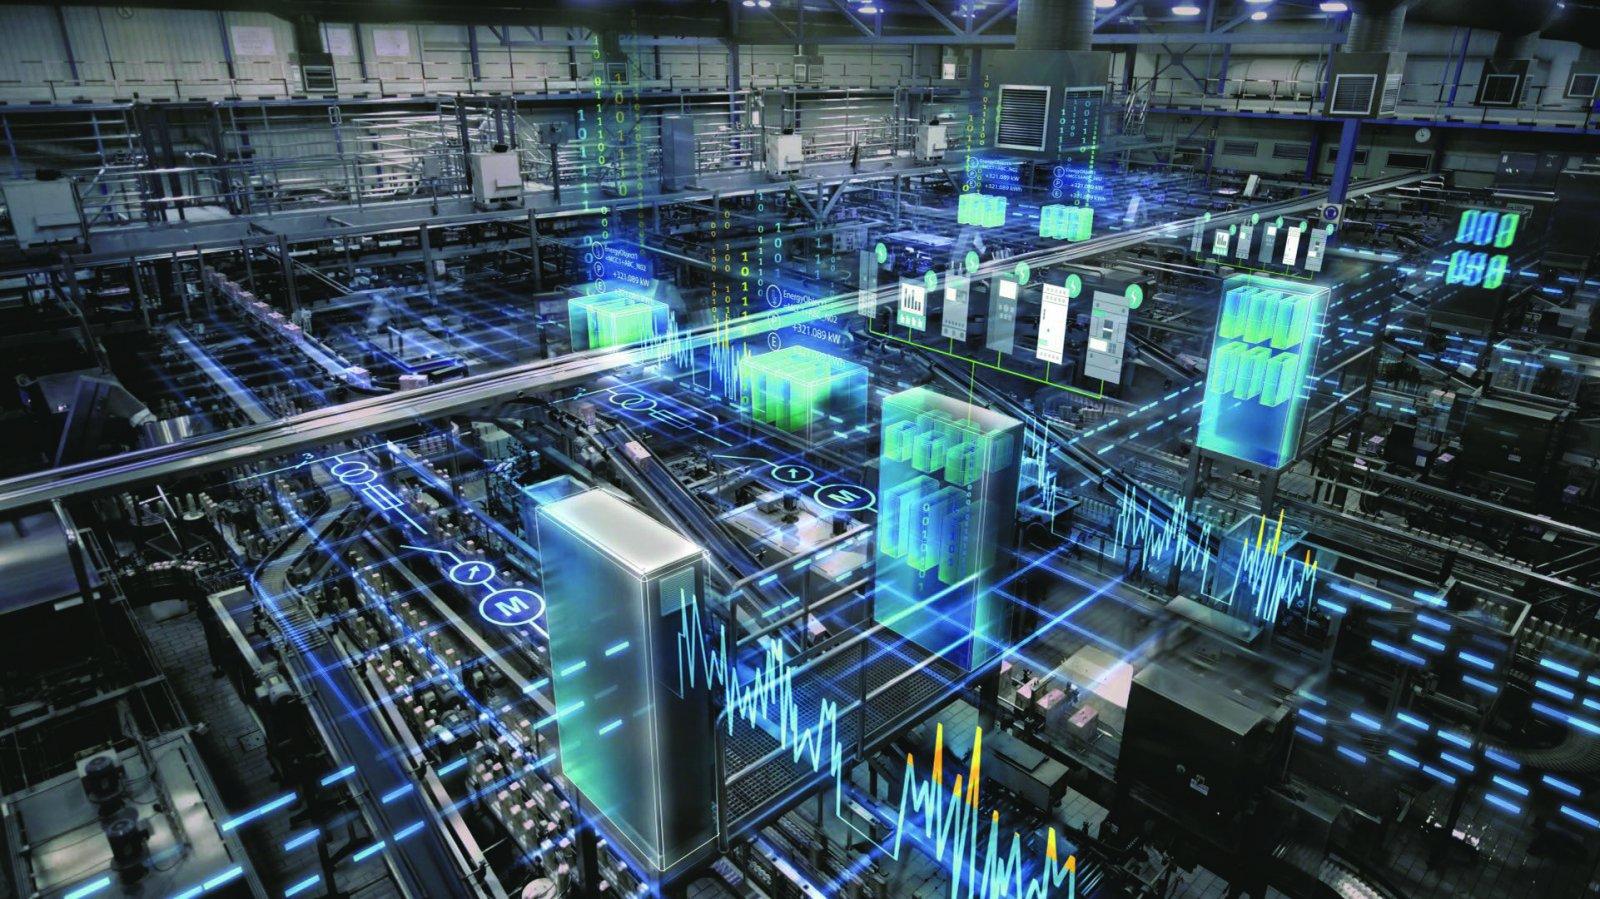 Технологии Siemens для управления производством полупроводниковых компонентов